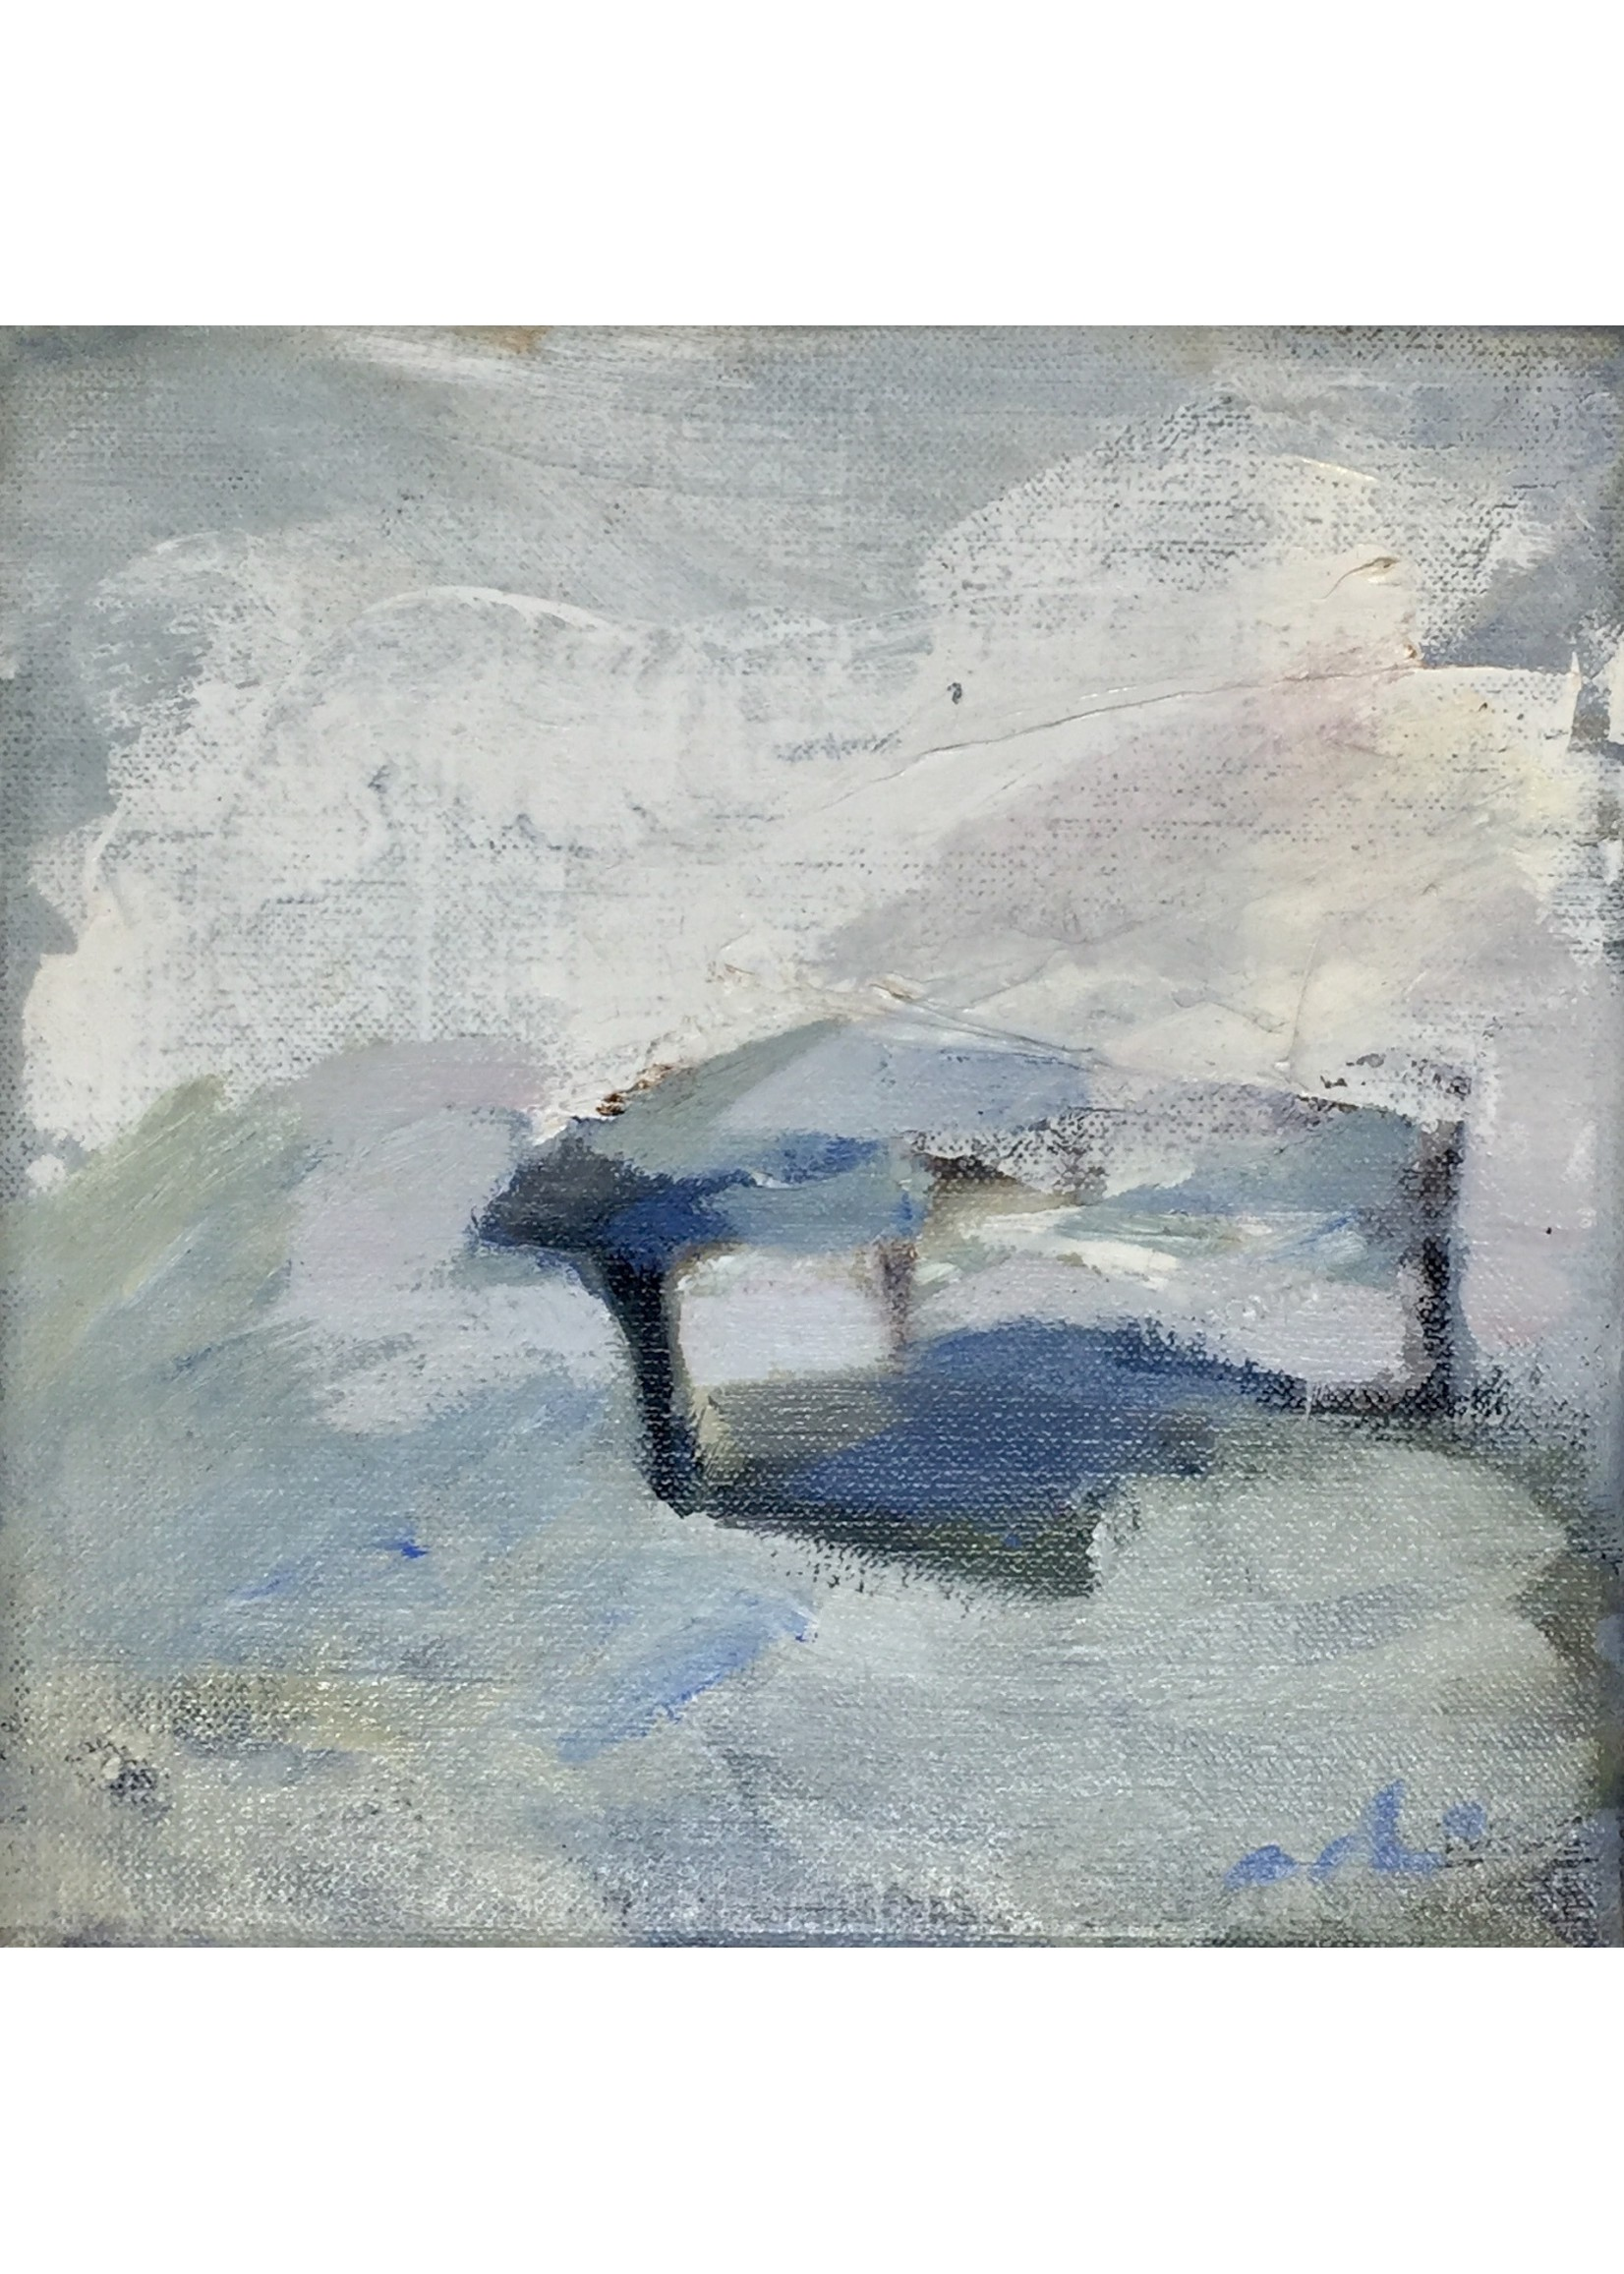 'Grand piano' - Adri Frigge (Oil on canvas)